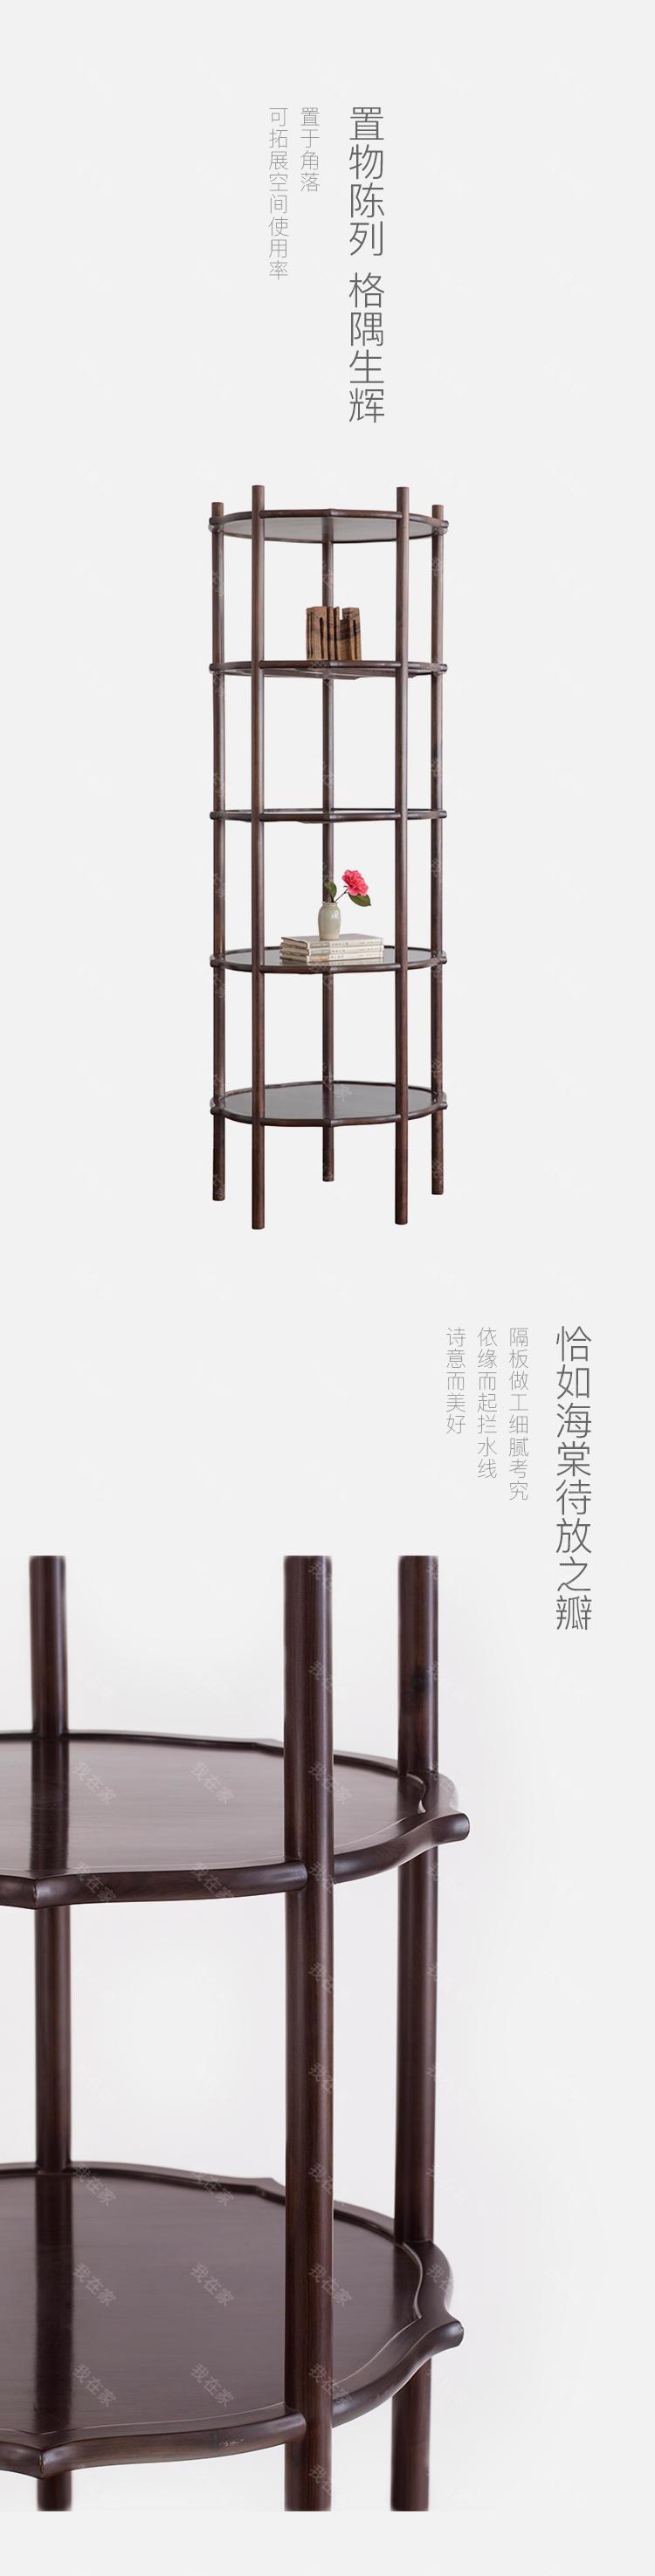 新中式风格咏梅海棠架几的家具详细介绍